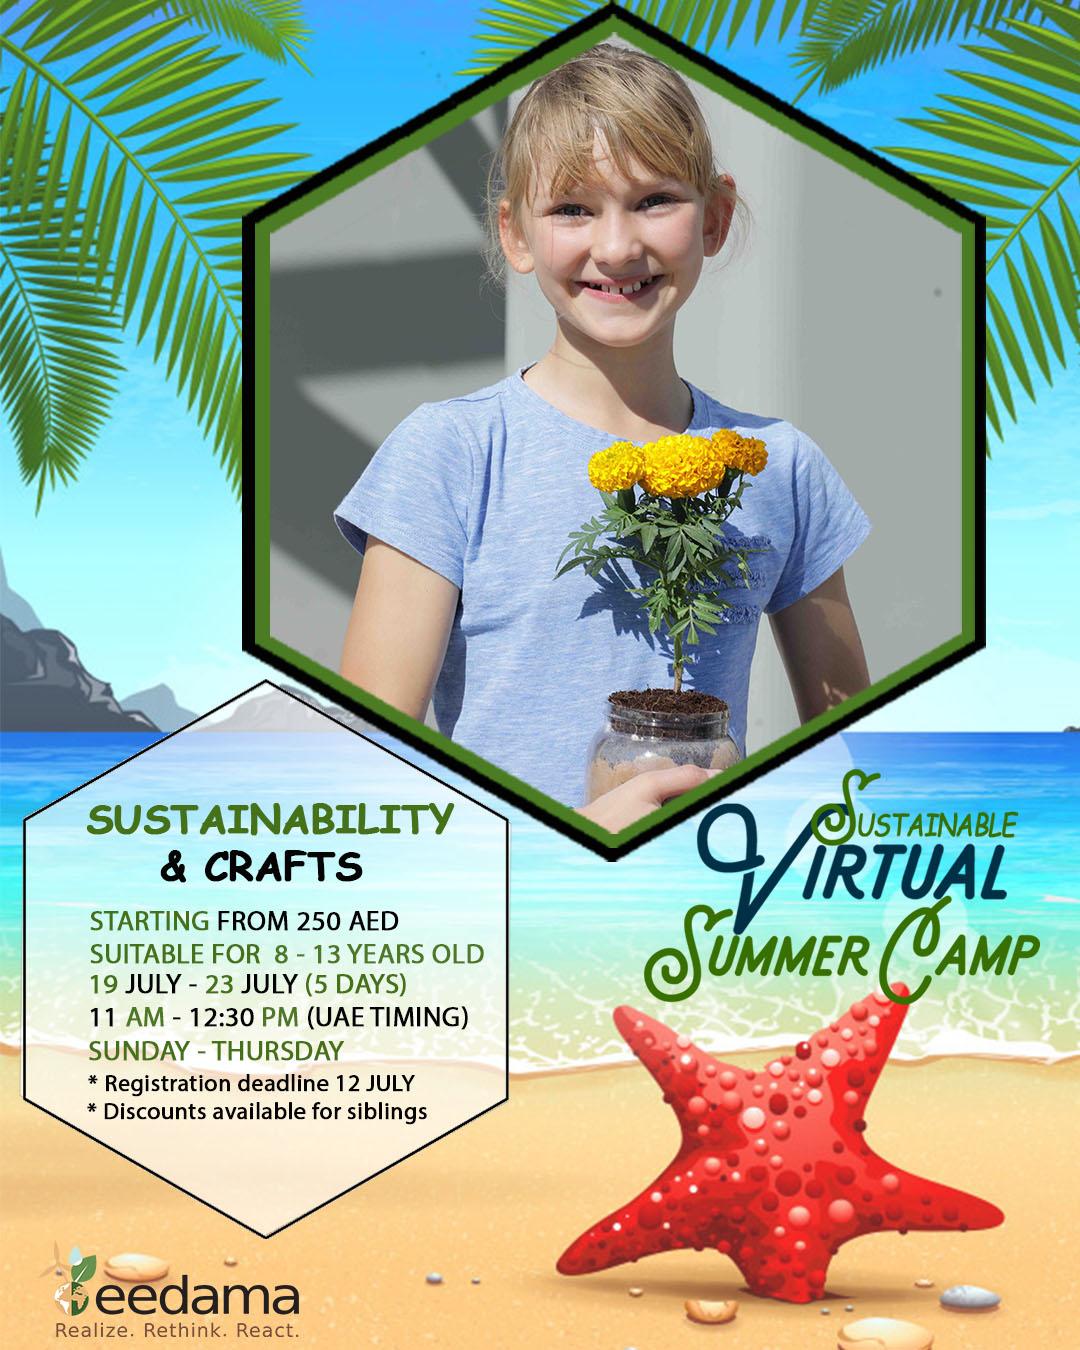 SUMMER CAMP EEDAMA